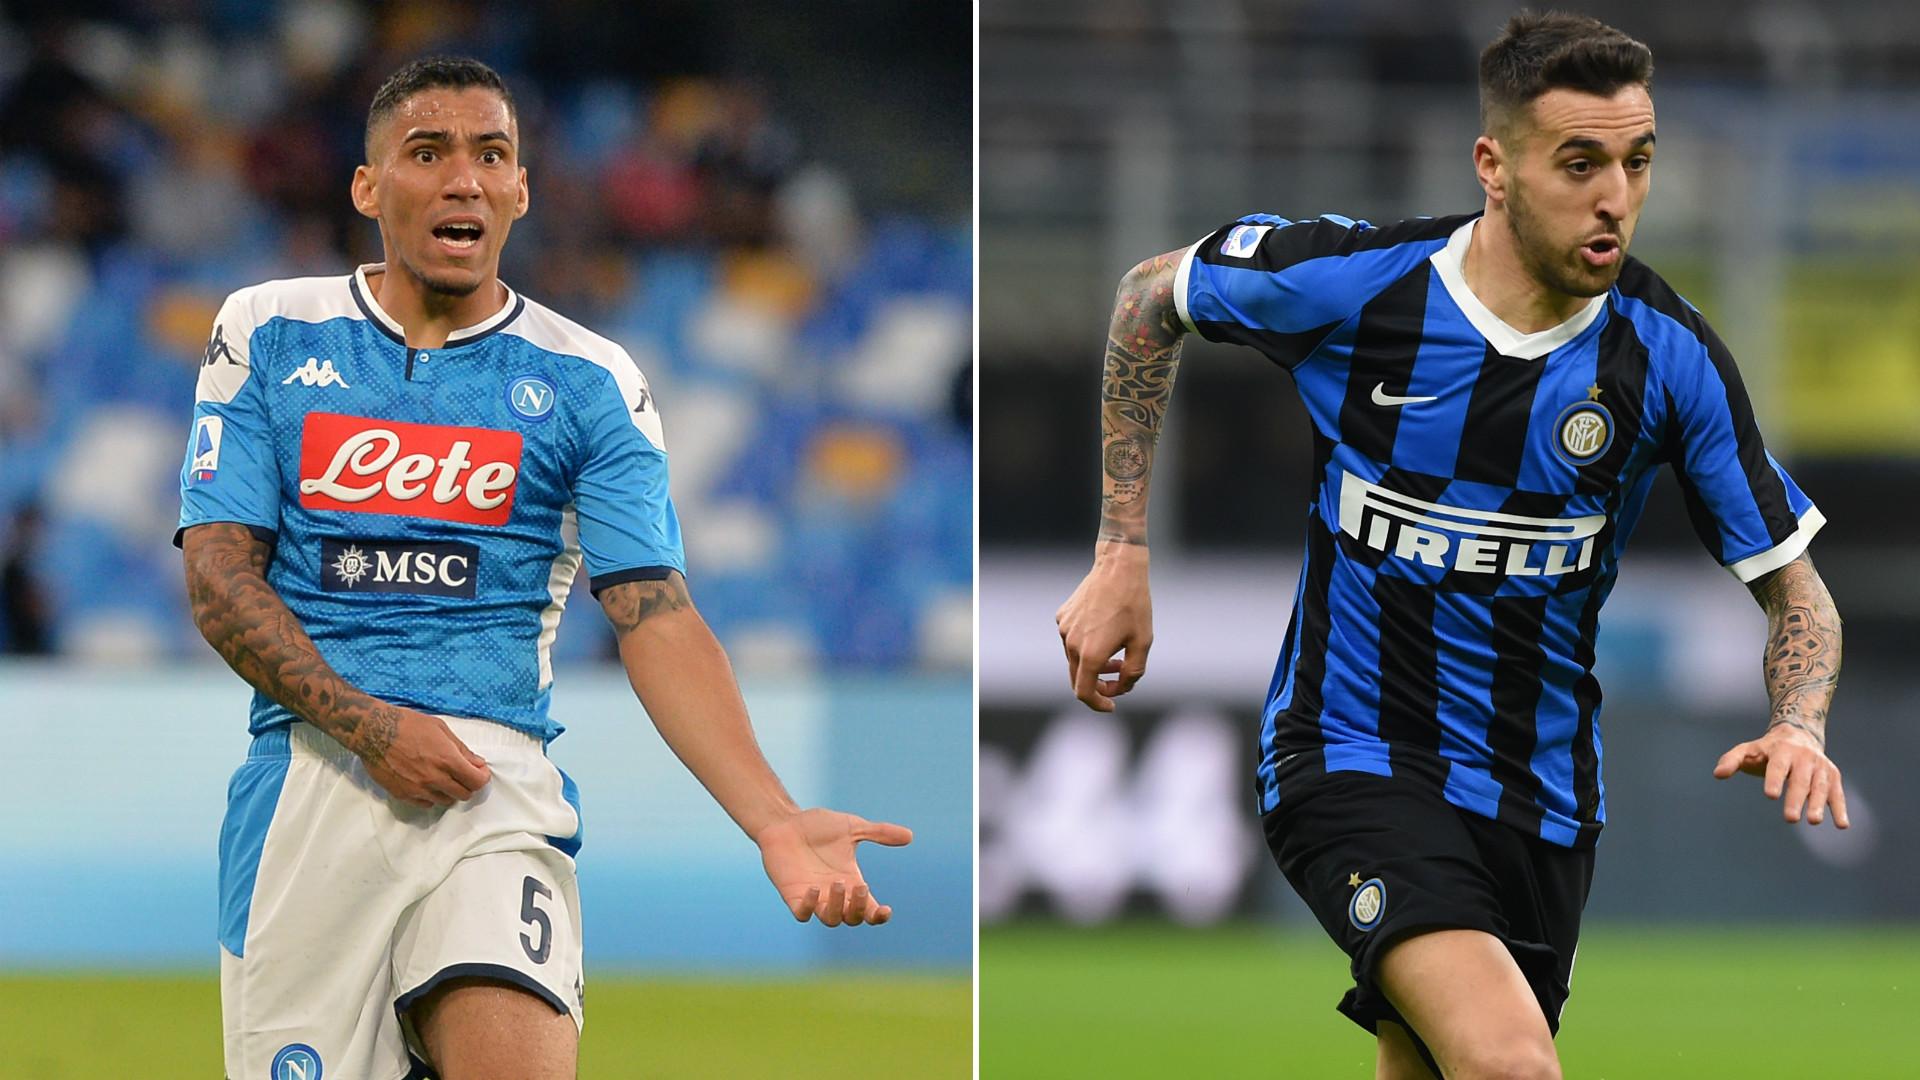 Perchè Napoli e Inter pensano allo scambio Allan-Vecino